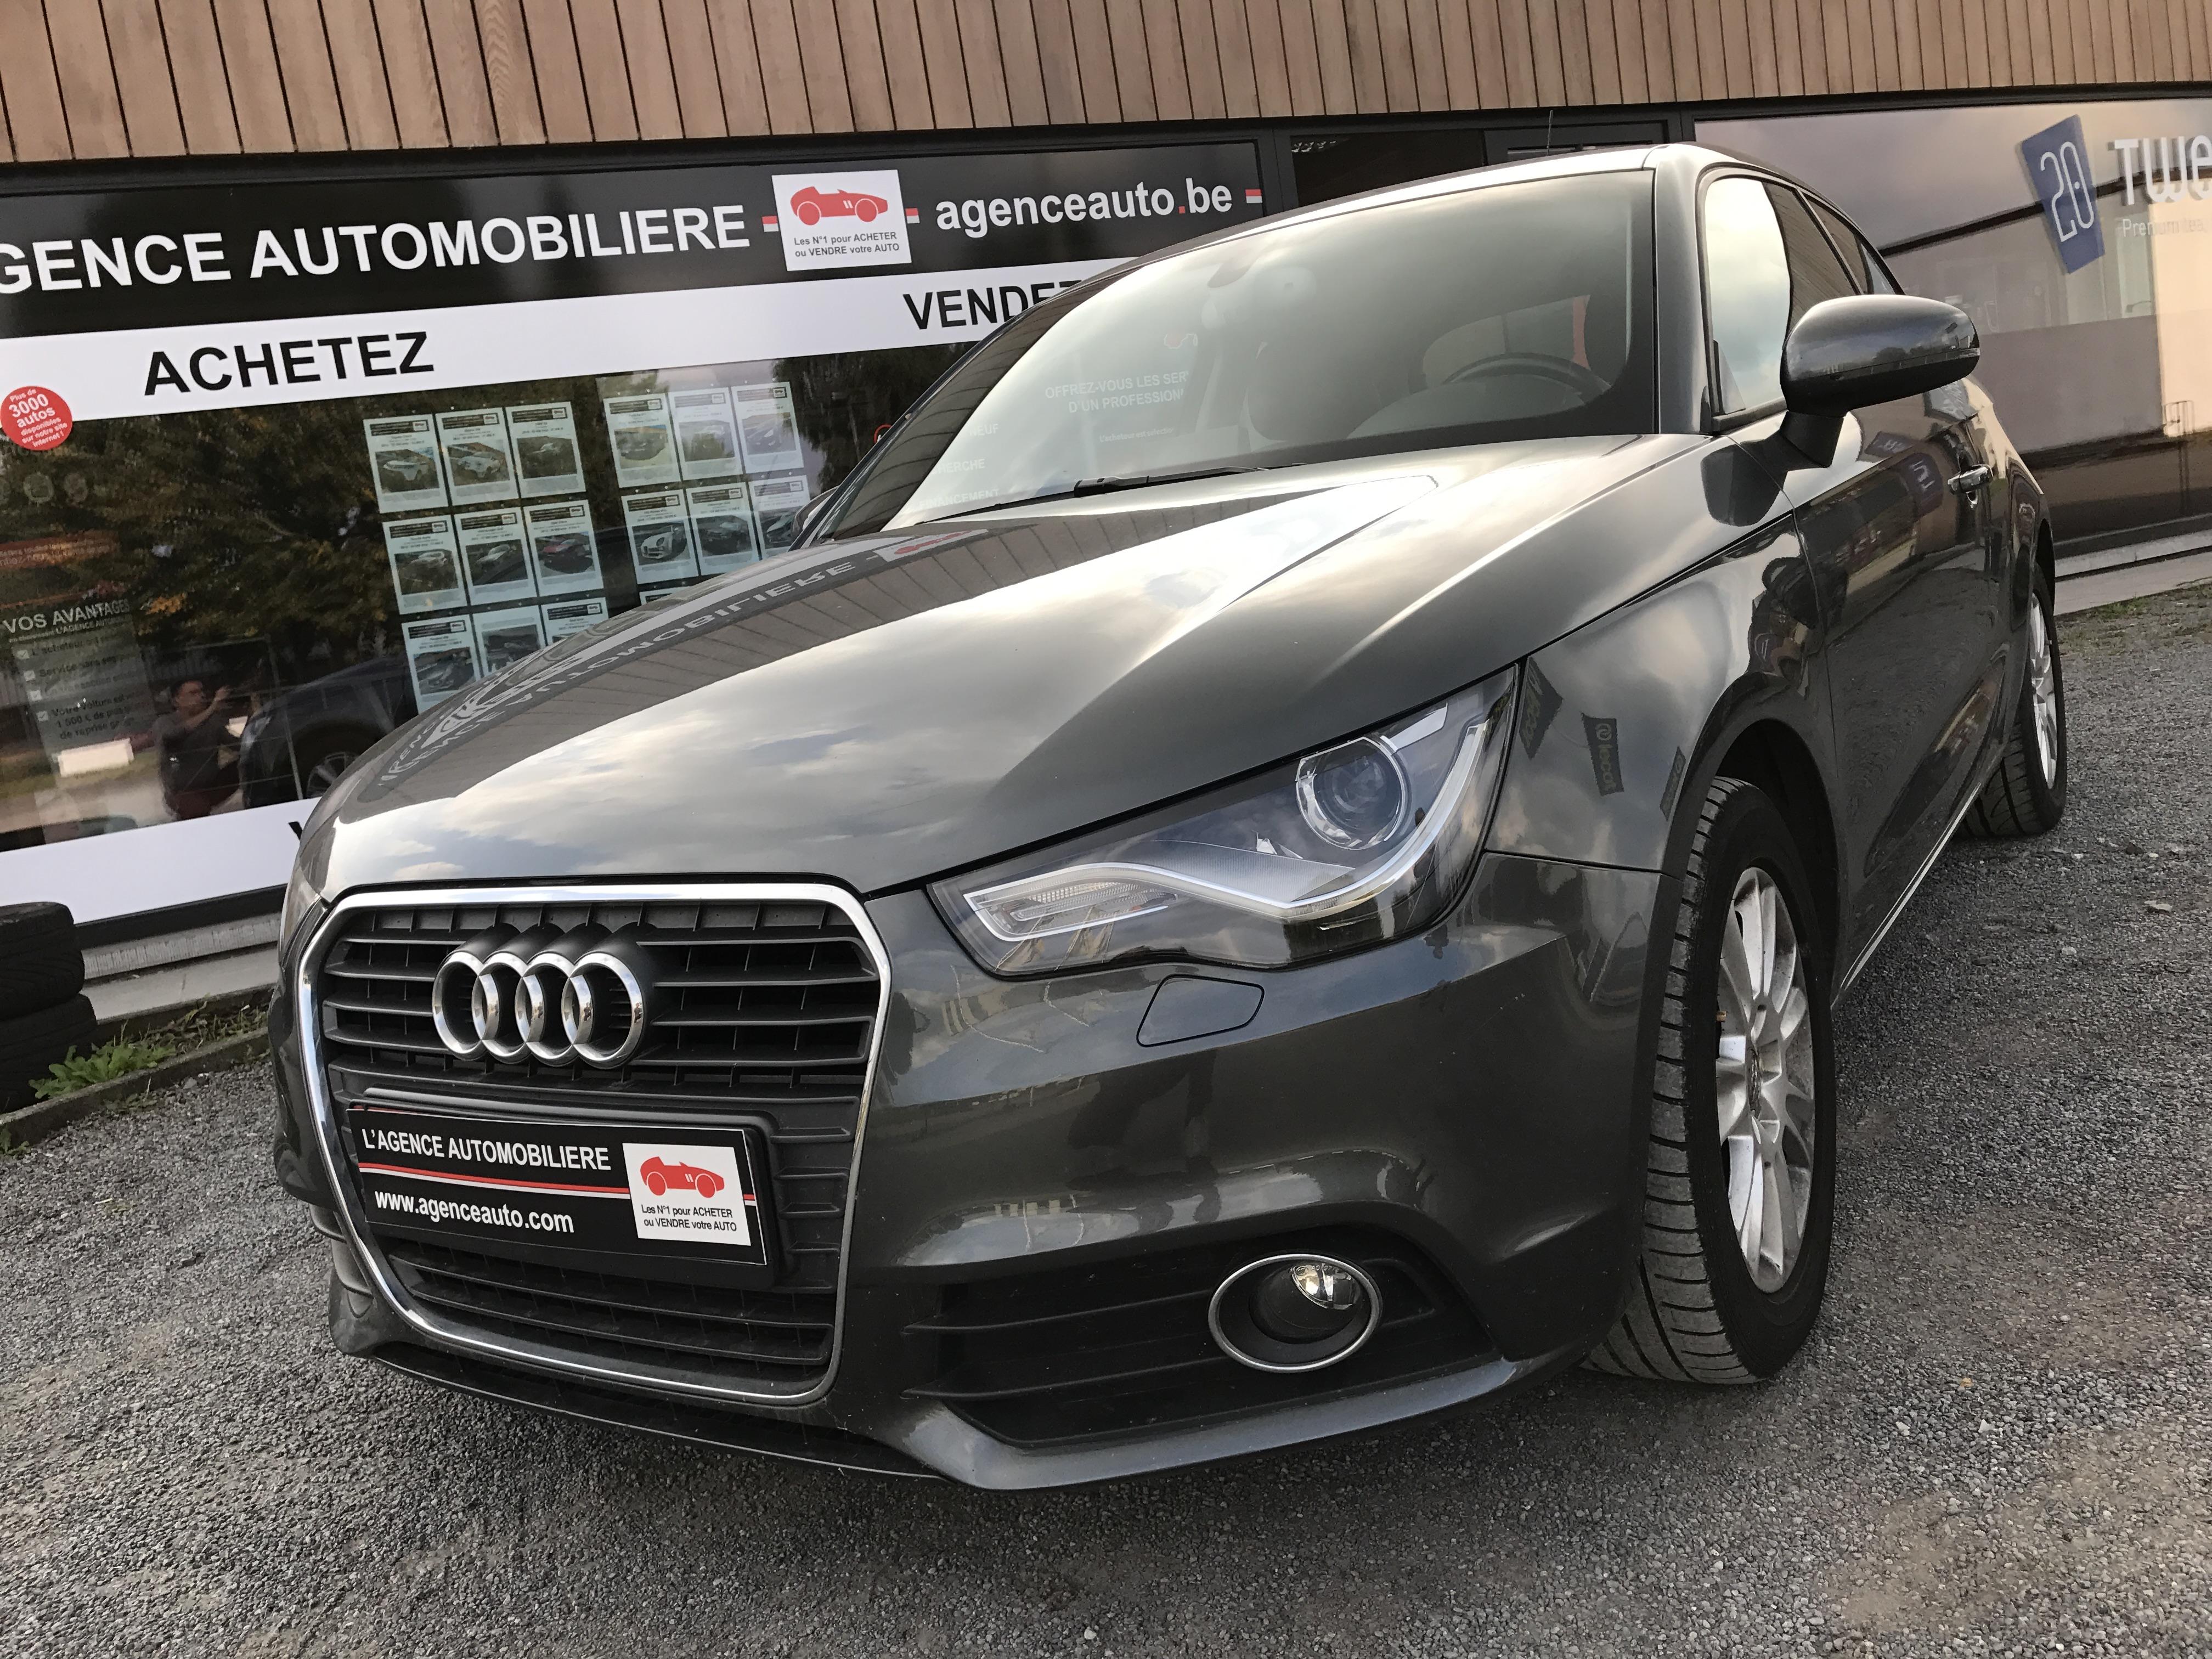 Audi A1 Audi 01 Ambition Boite Automatique Occasion Wavre Pas Cher